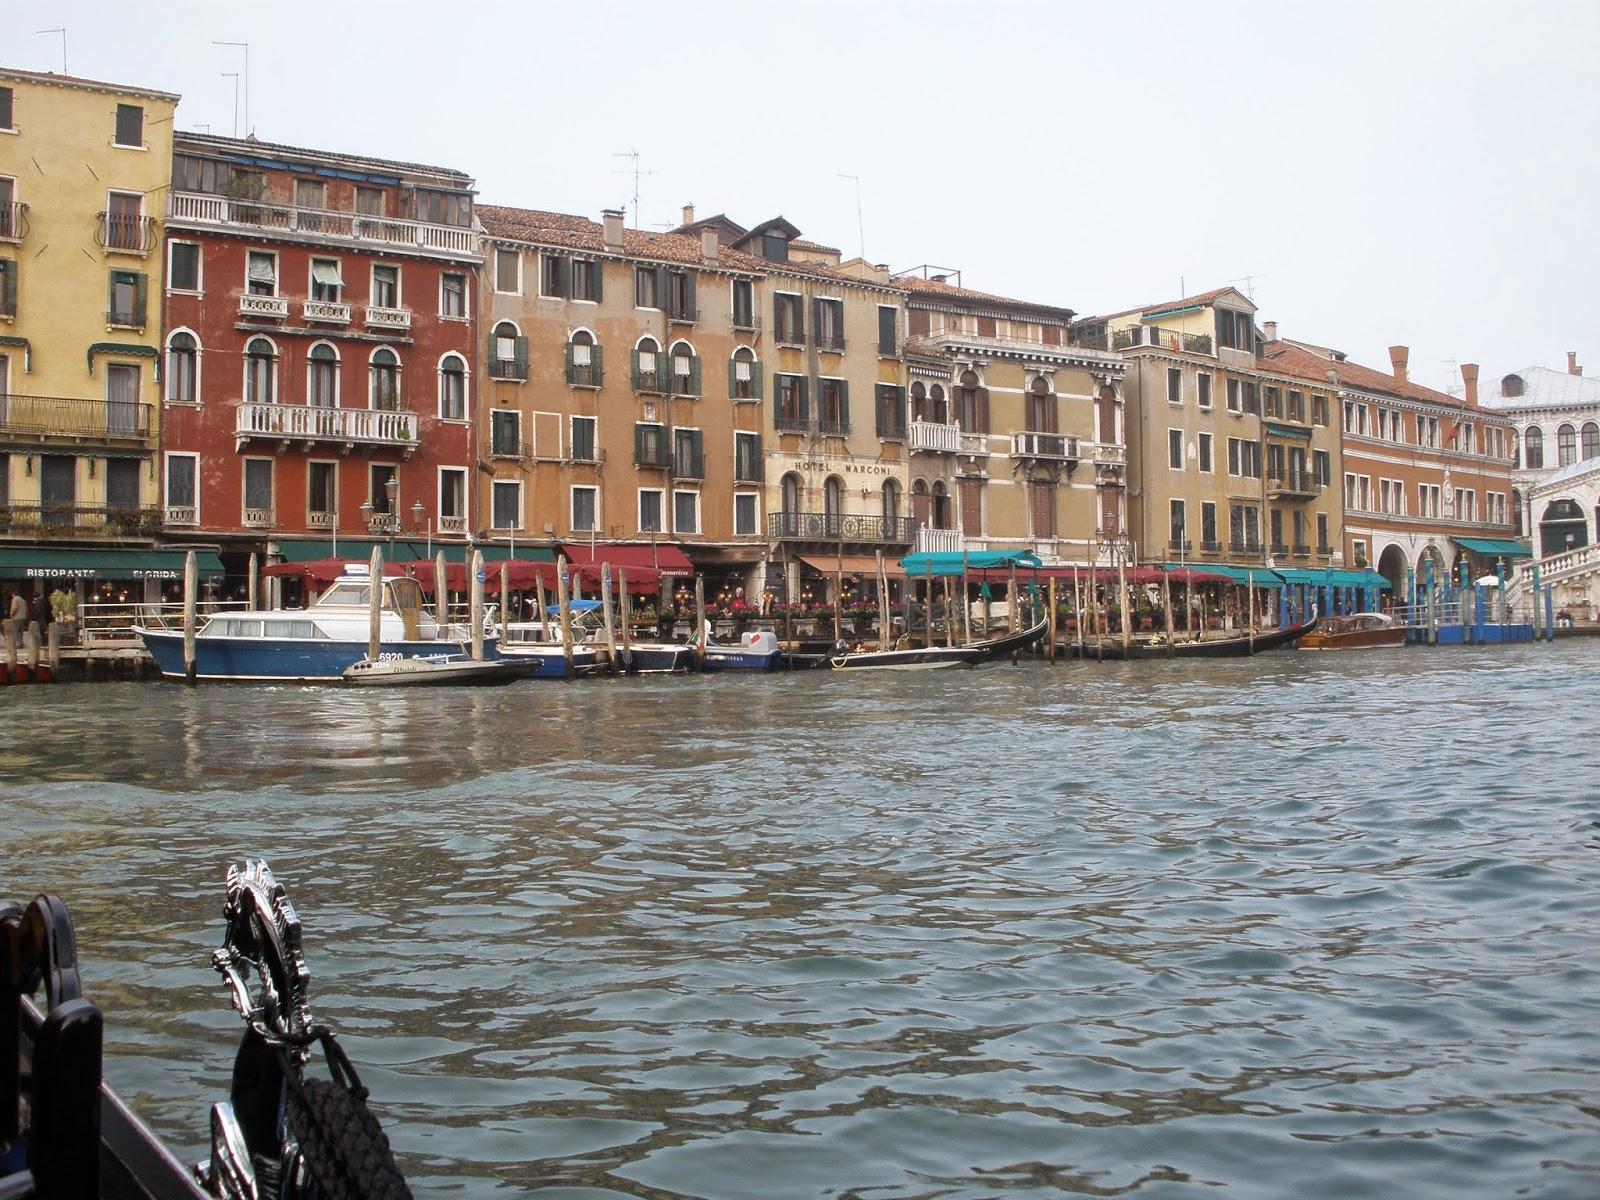 Venecia tiene innumerables canales